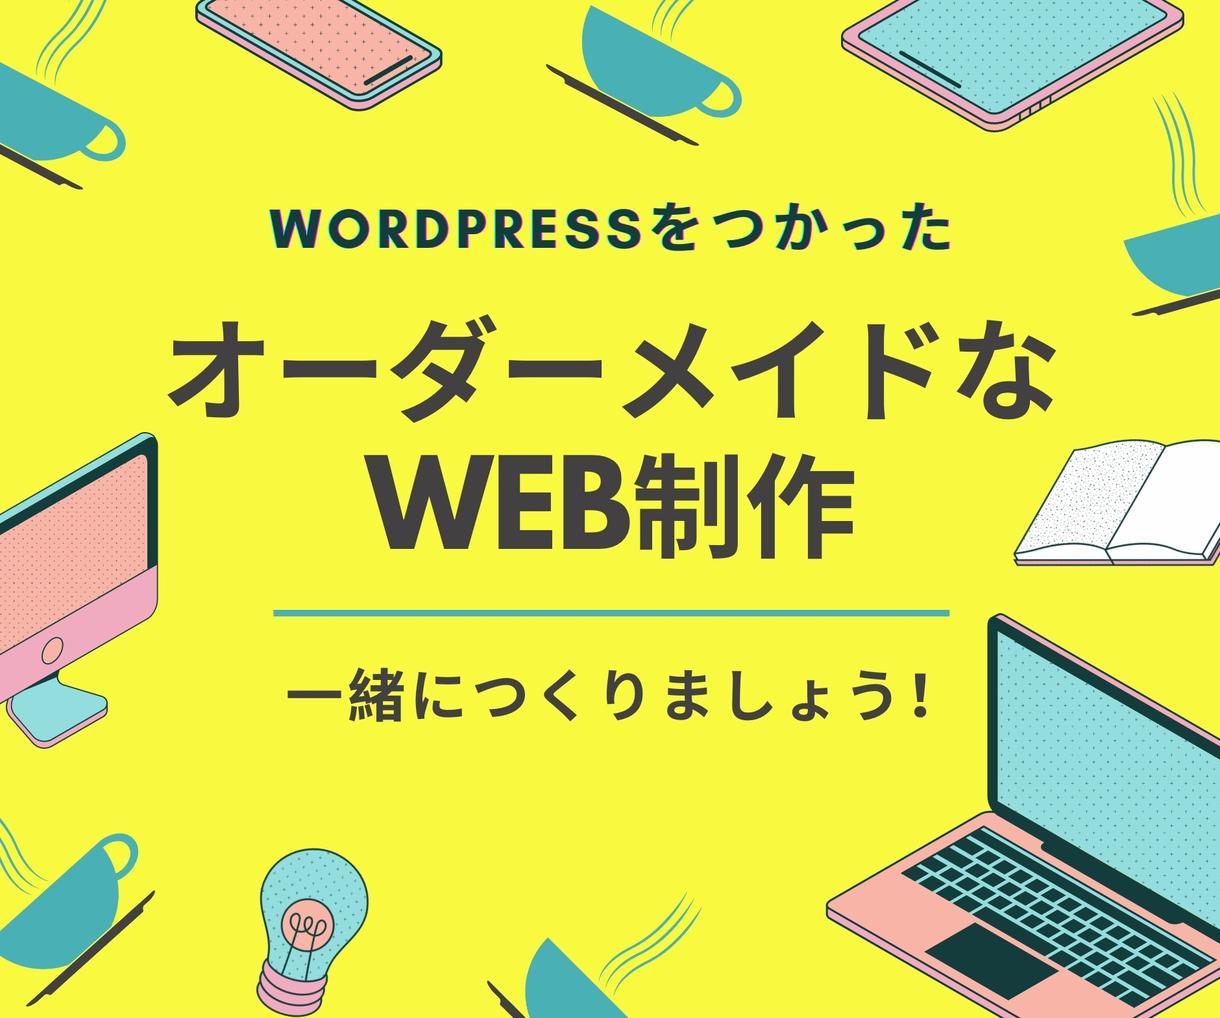 一緒につくる参加型WEB制作セッションをします 【コード不要】オンラインで一緒にWEB制作をする個人レッスン イメージ1